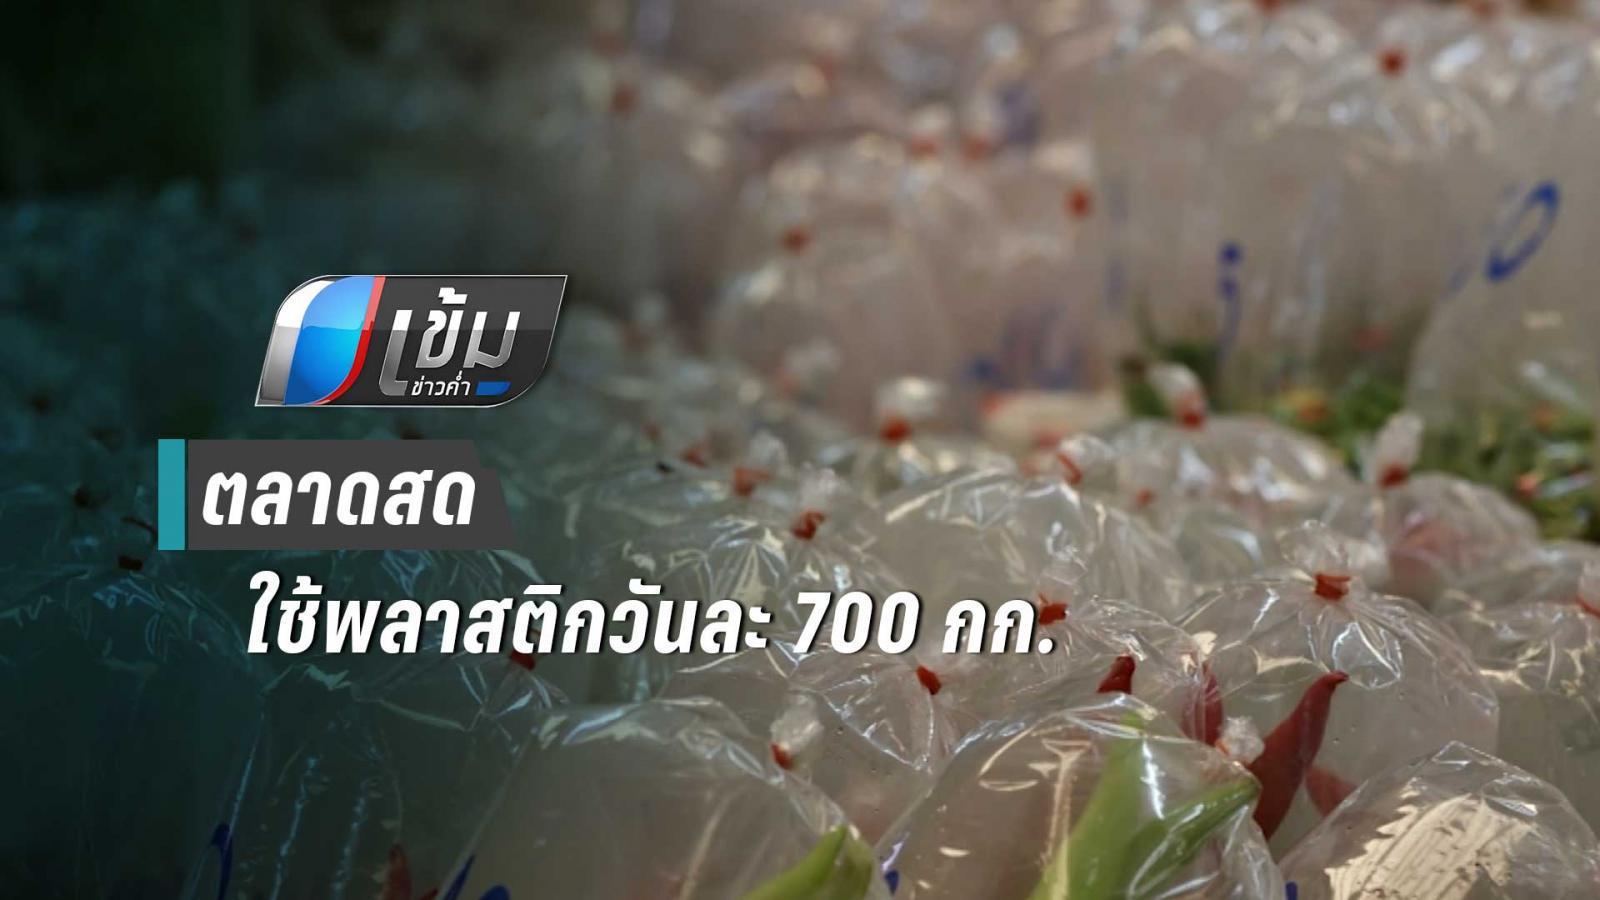 สำรวจตลาดสด 24 ร้านค้า ใช้พลาสติกวันละ 700 กก.